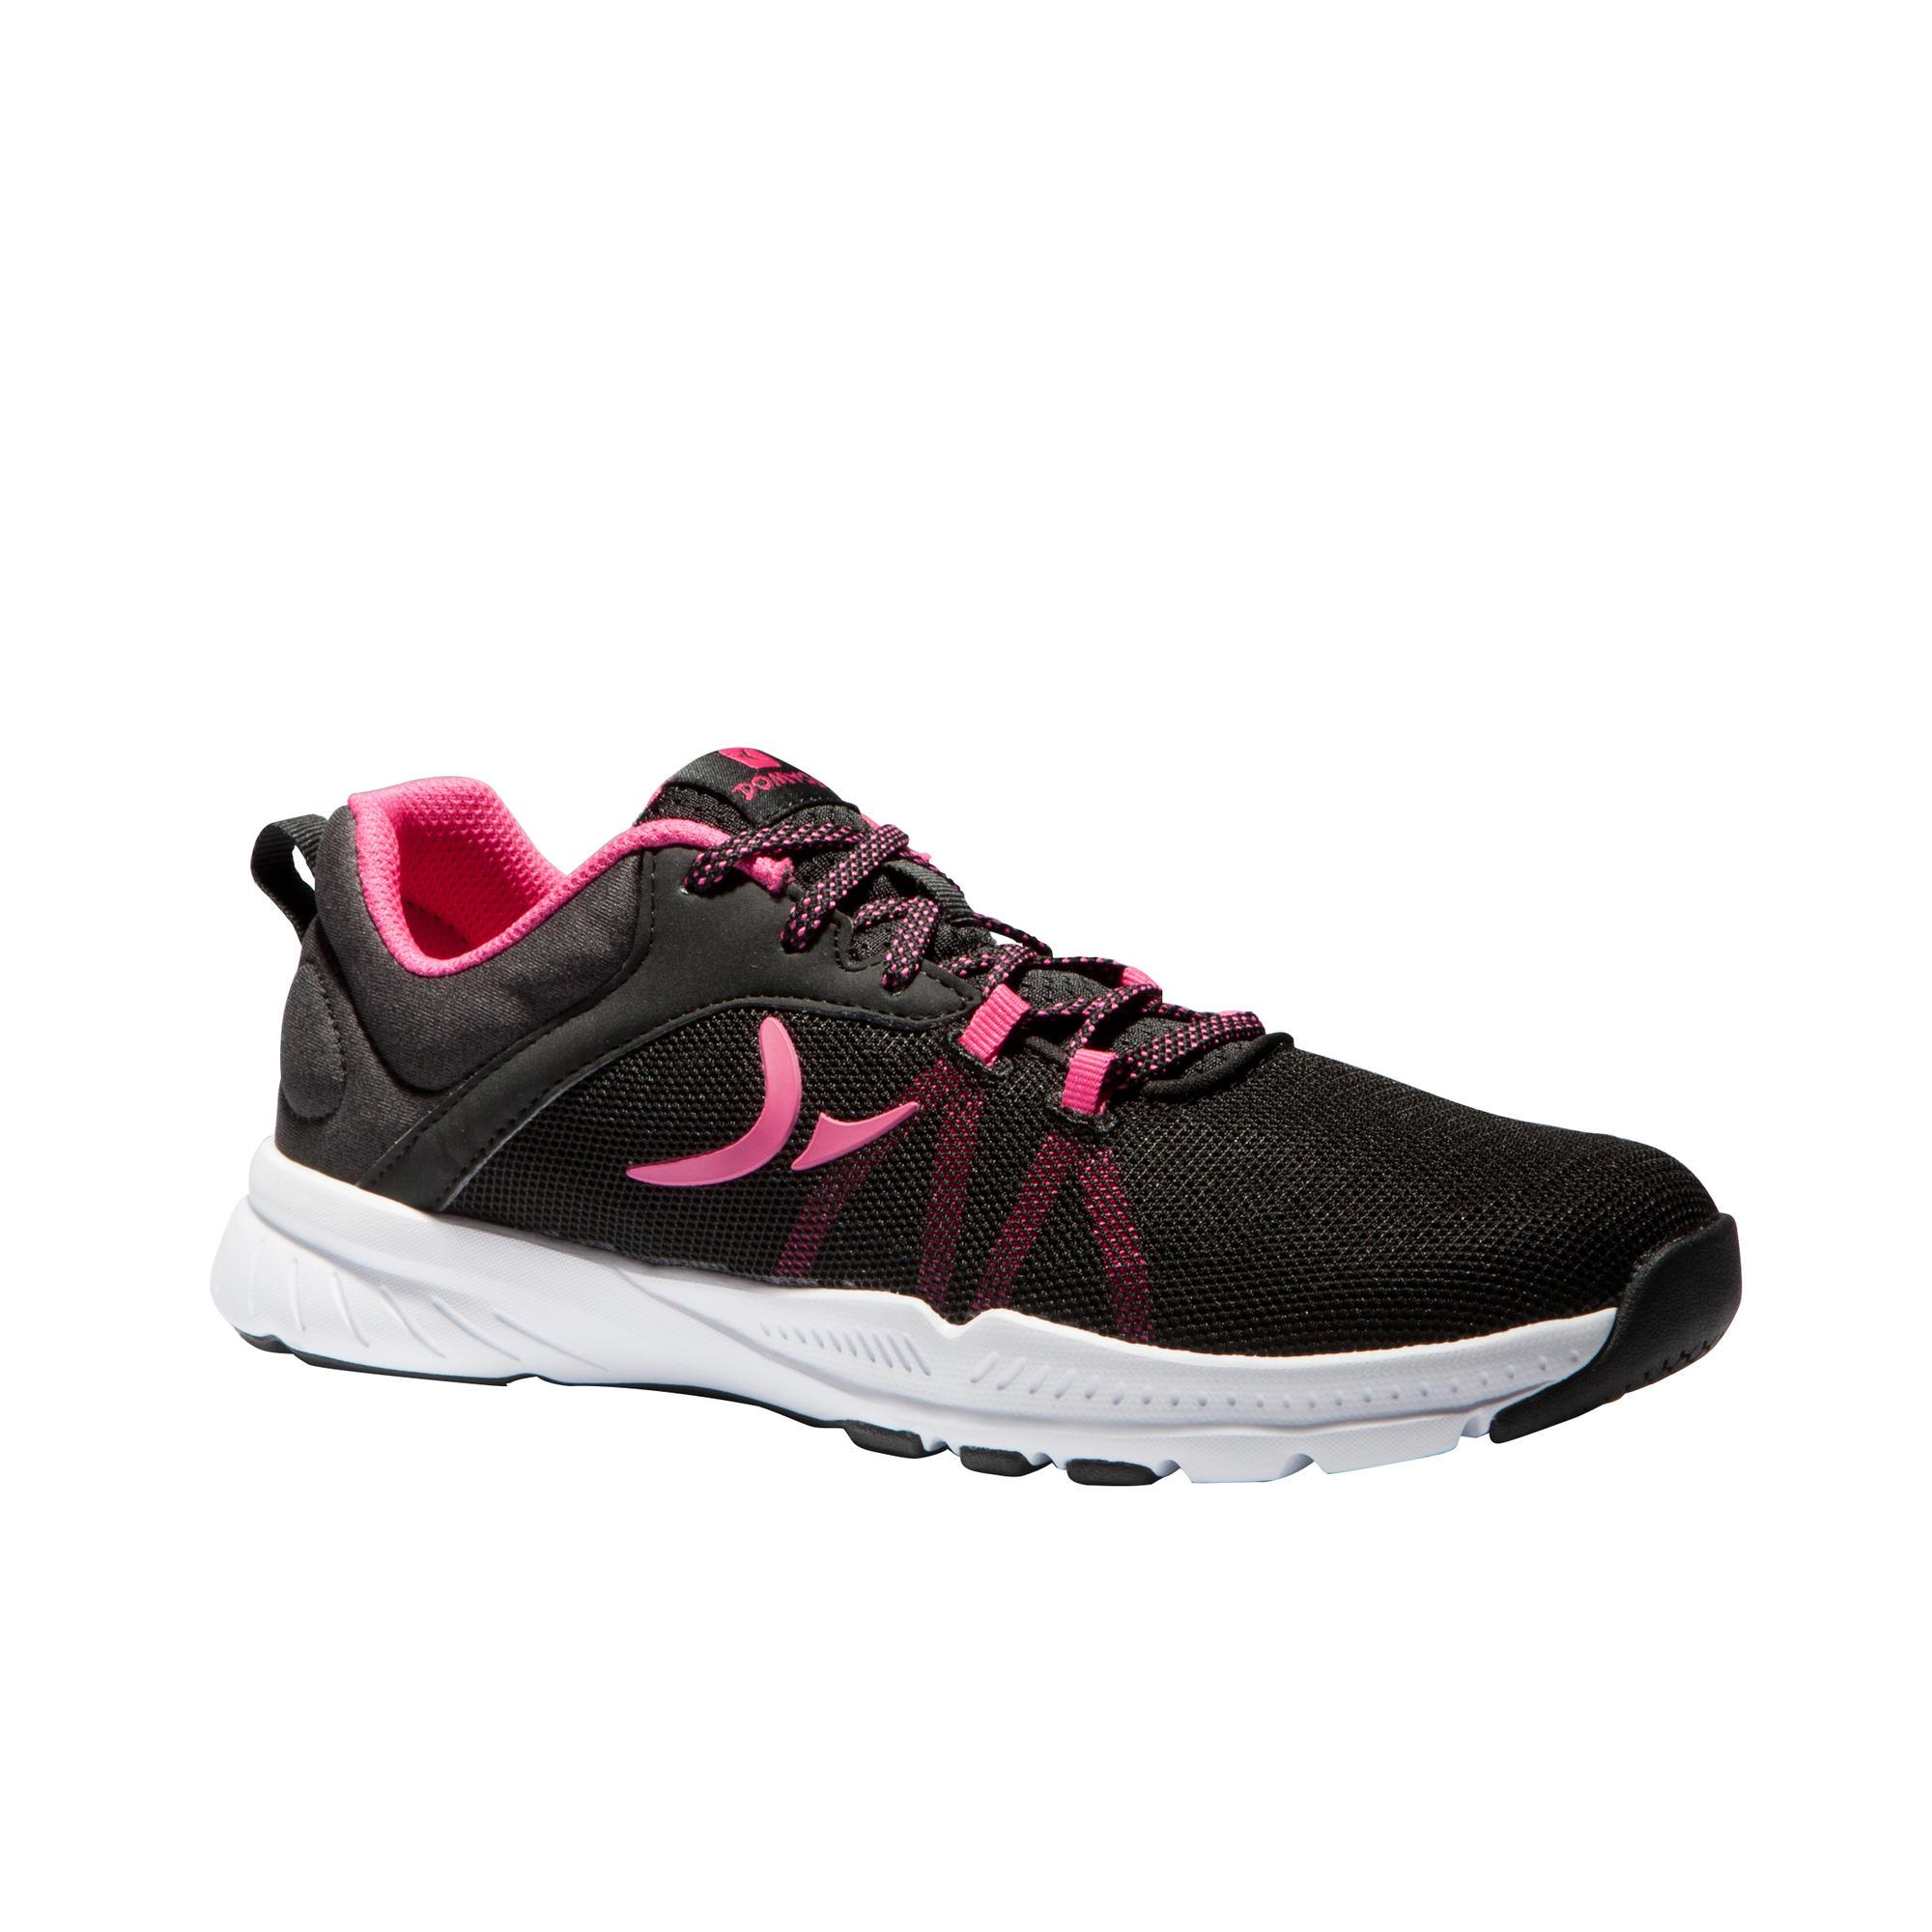 molto carino 87f3b 6fcfe Scarpe fitness - Scarpe donna cardio fitness 100 nero-rosa